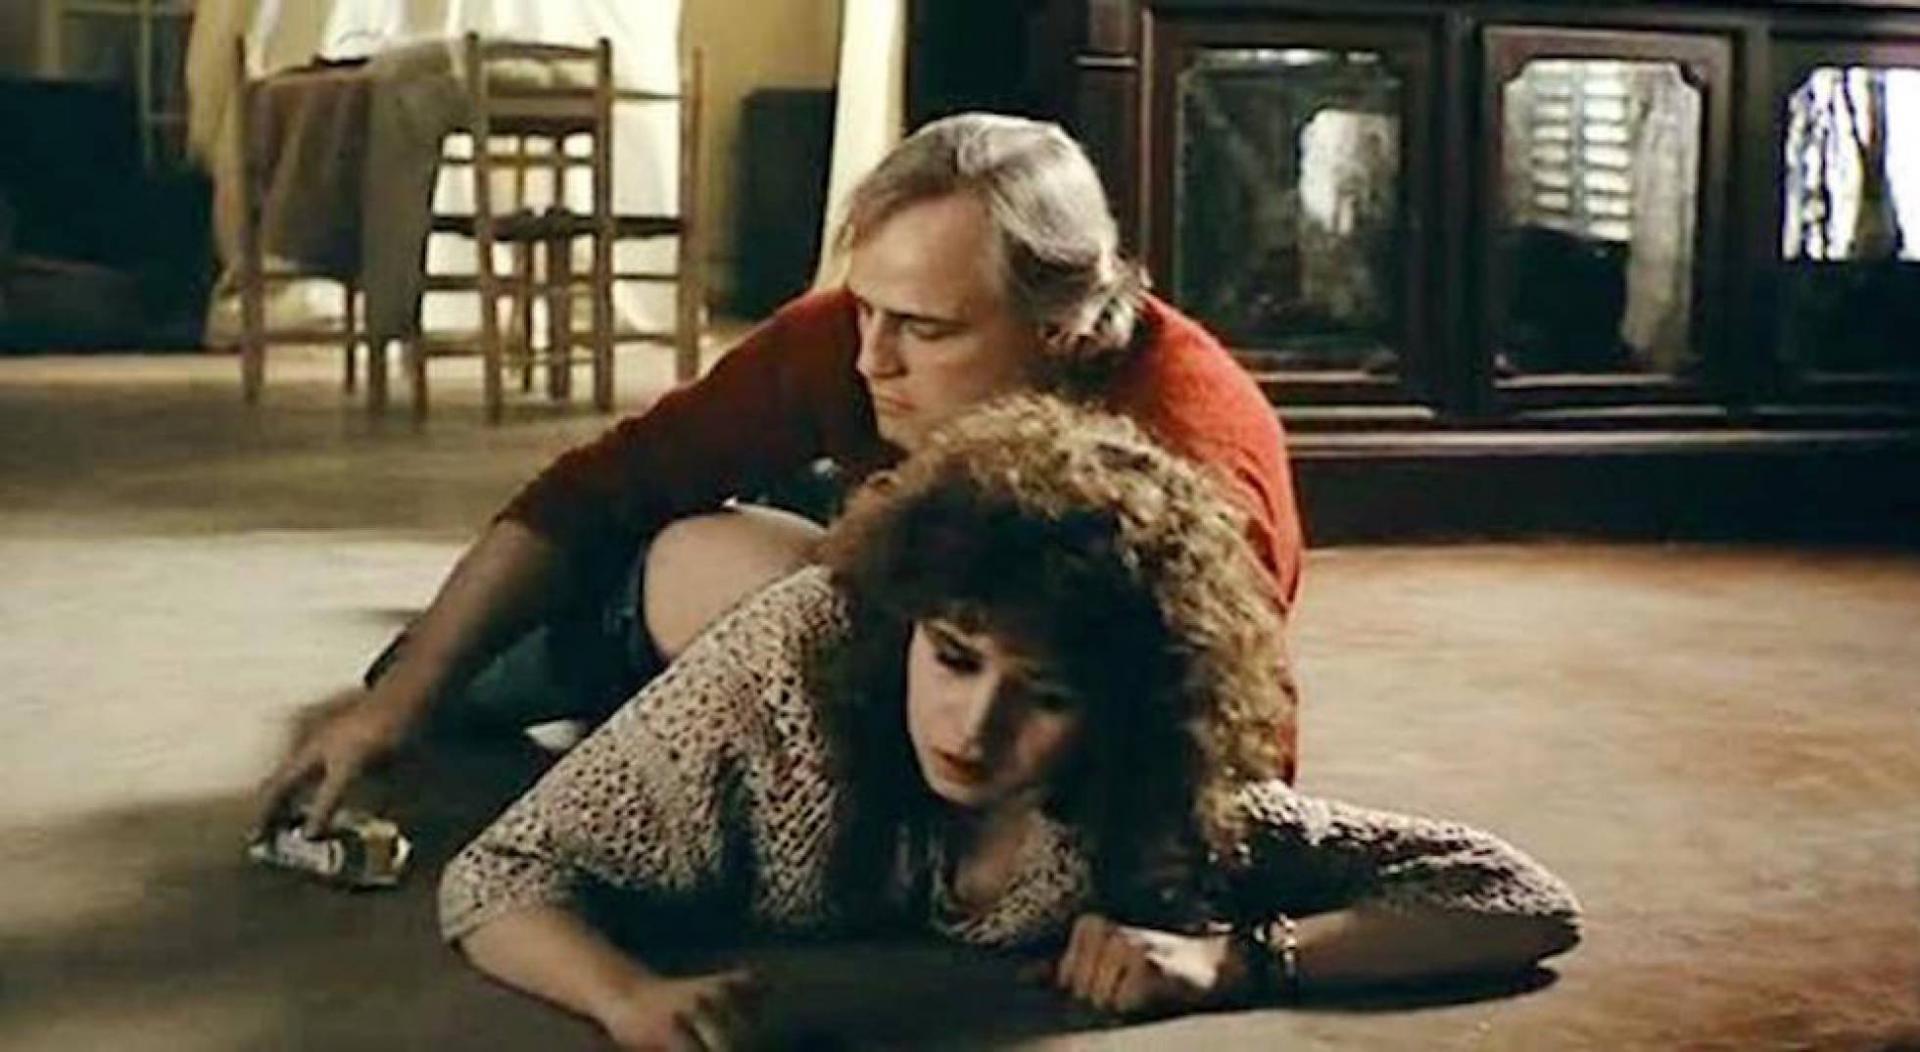 The lasting impact of that scene in last tango in paris